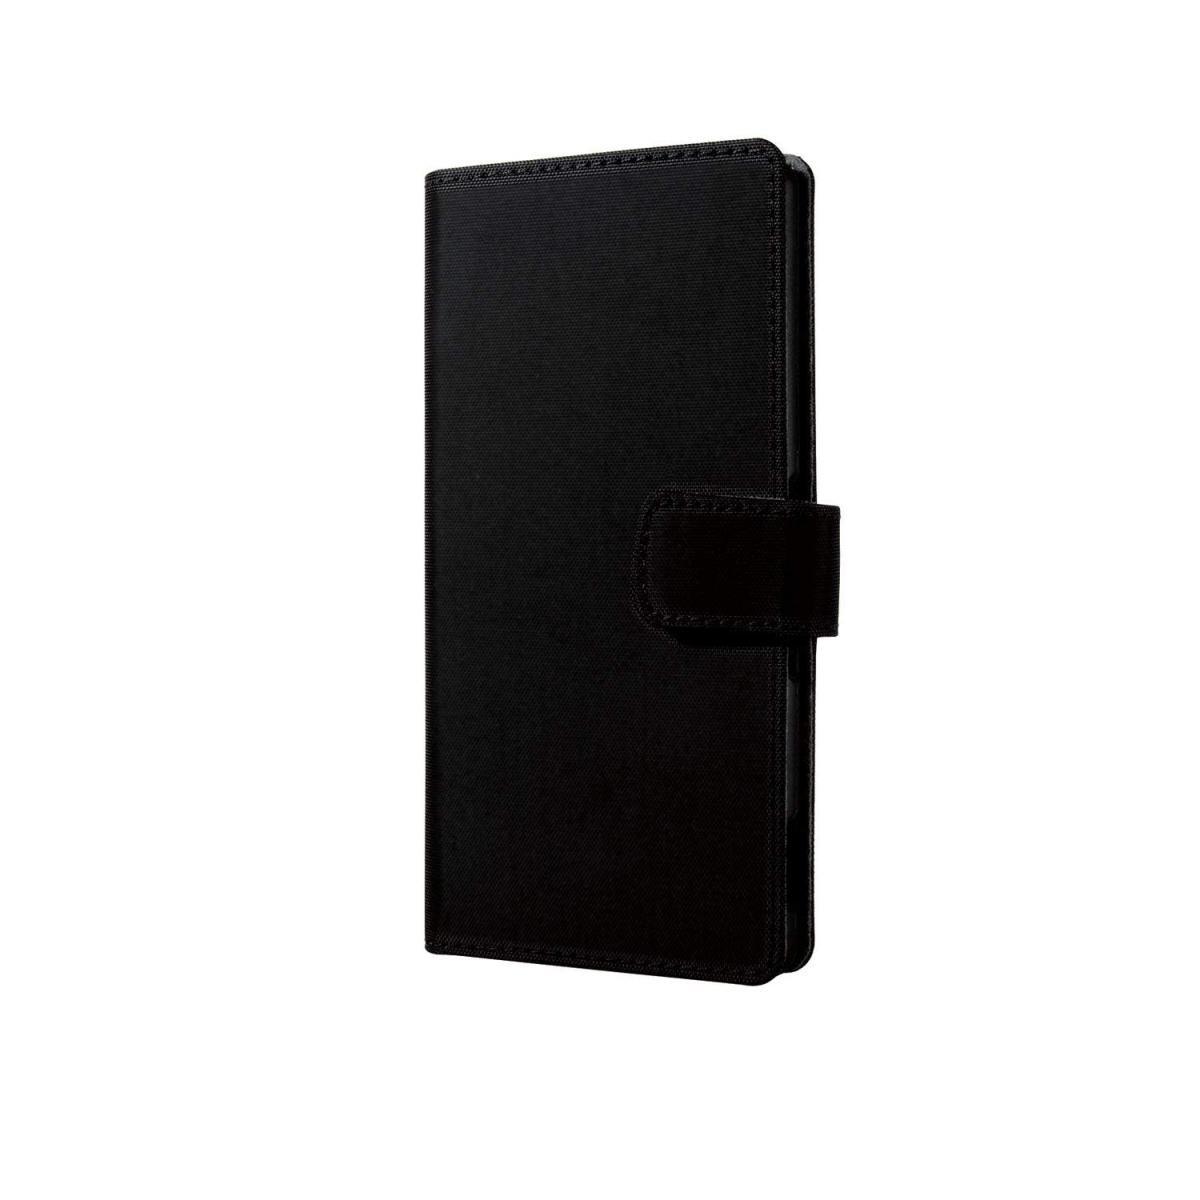 エレコム Xperia Z4用 ファブリックカバー ブラック PM-SOZ4PLFF02の商品画像 3